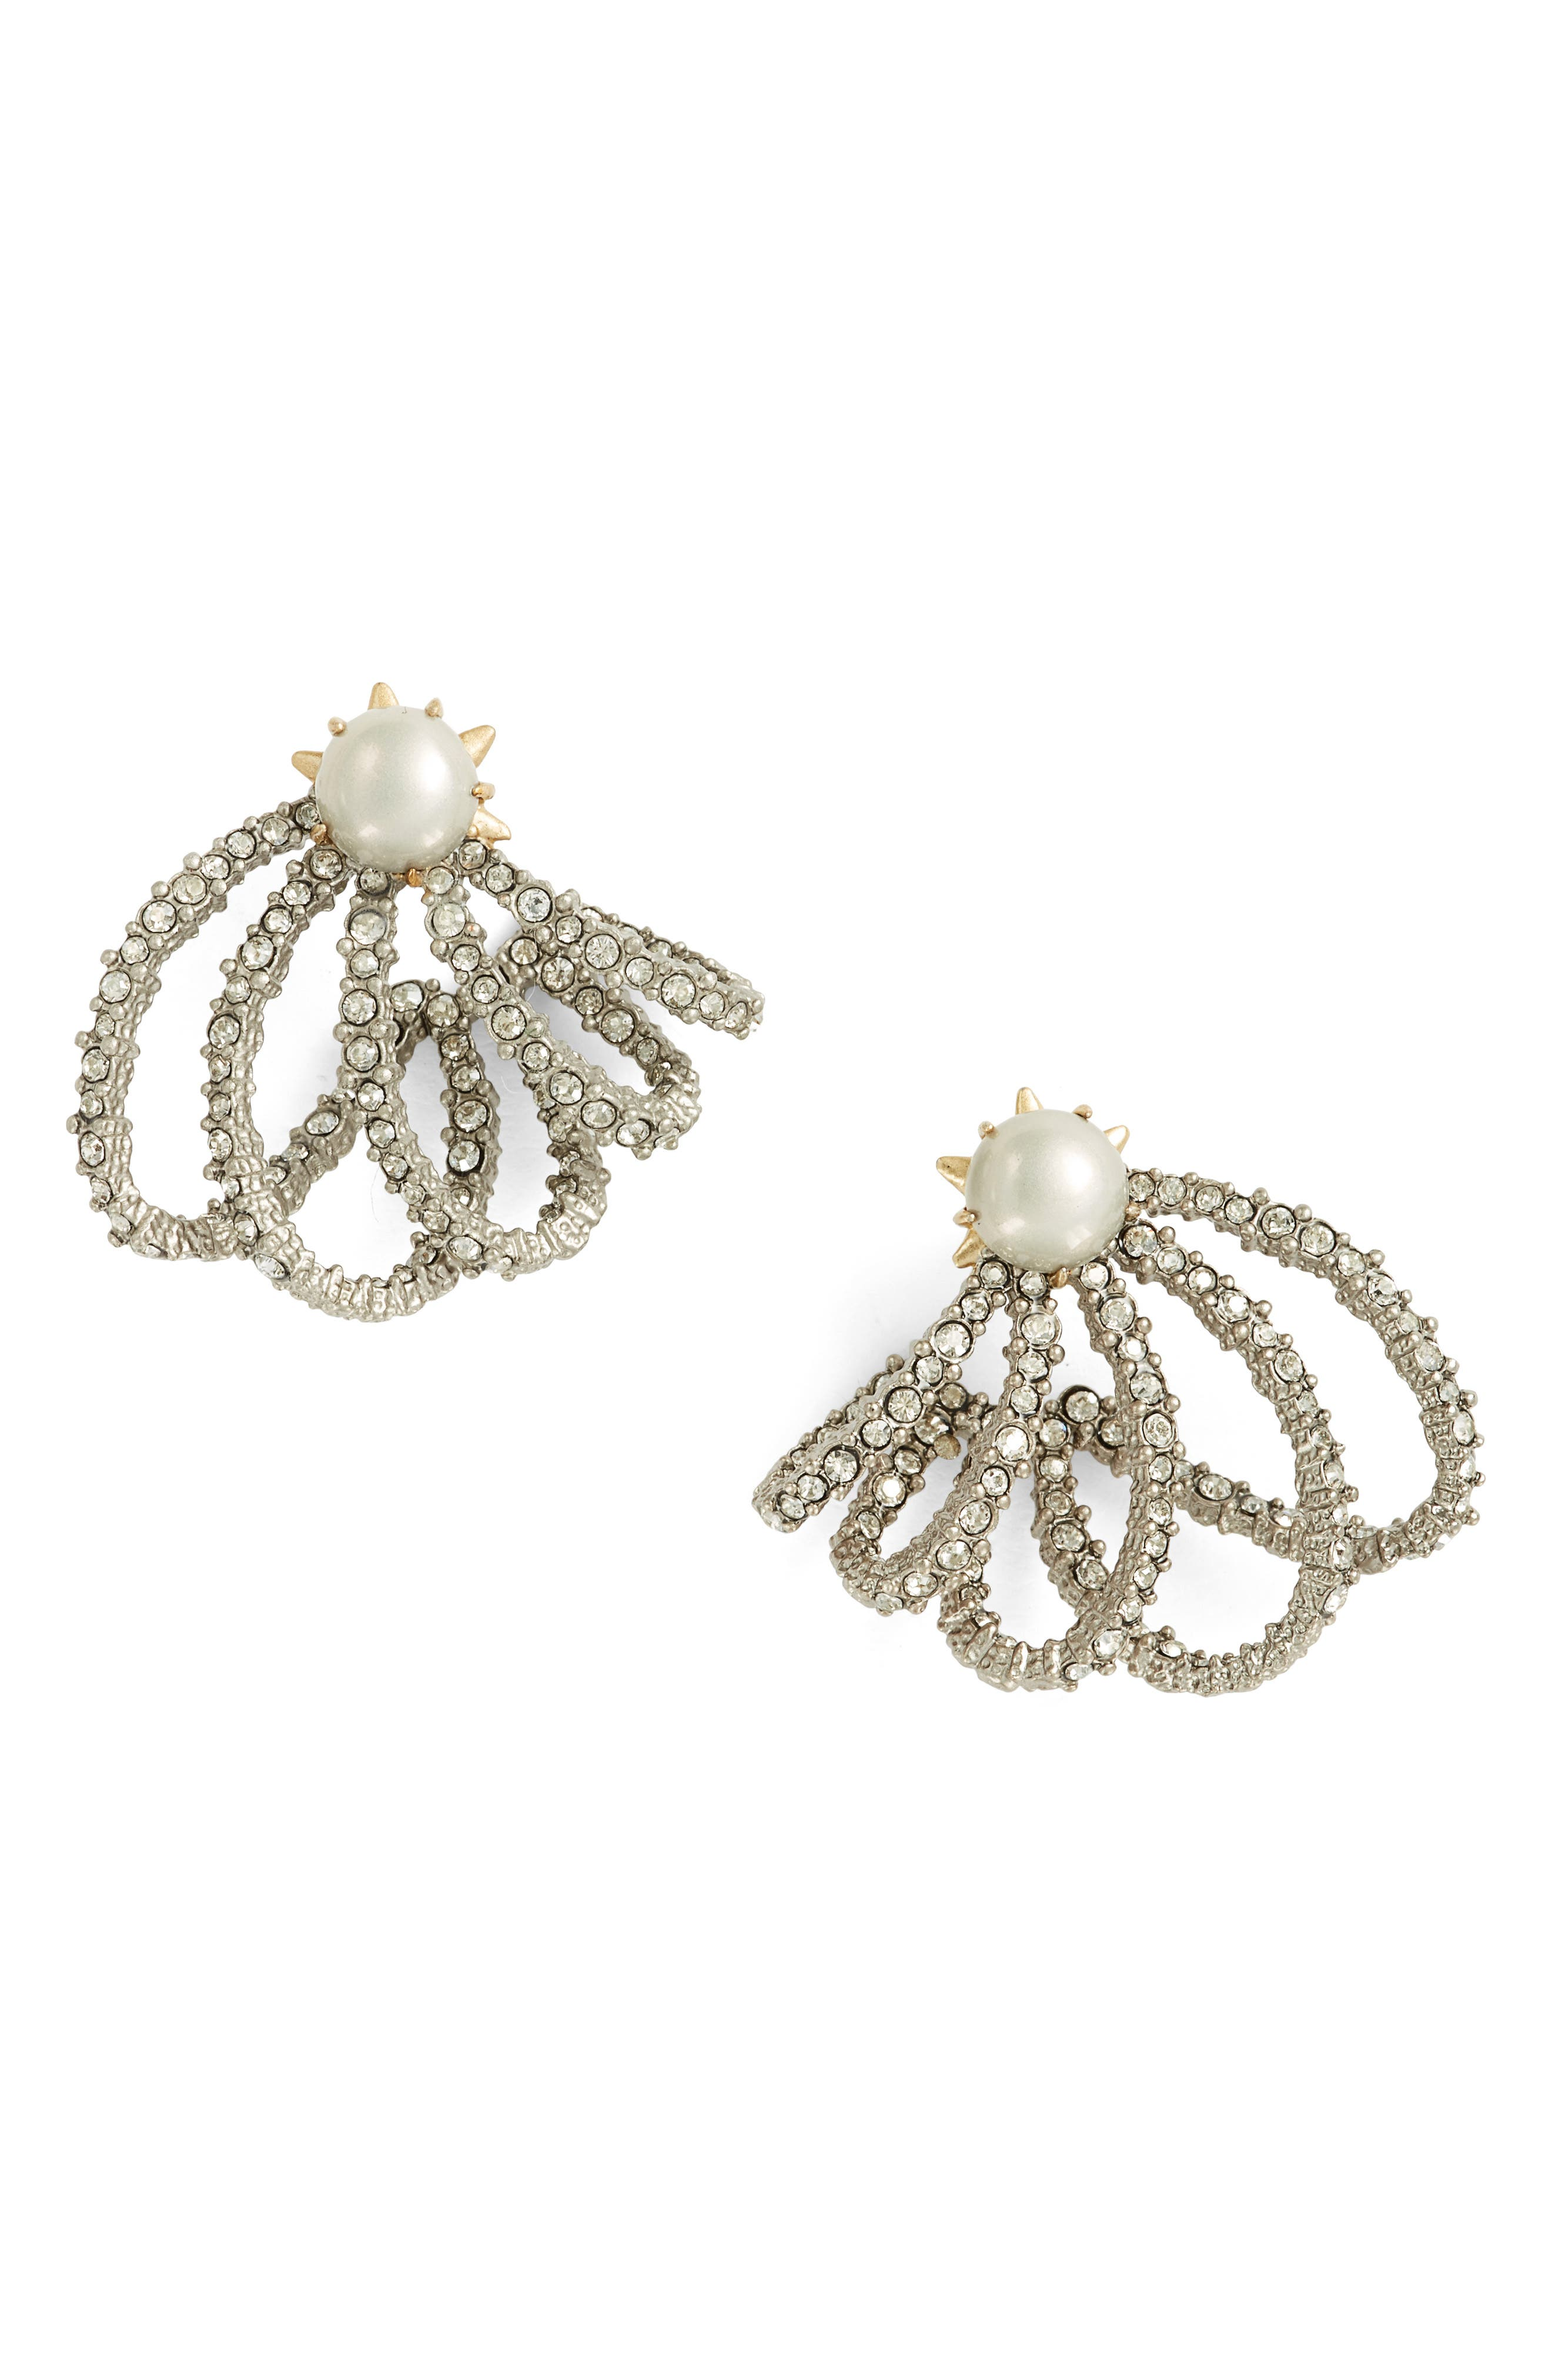 Alexis Bittar Orbiting Crystal Earrings